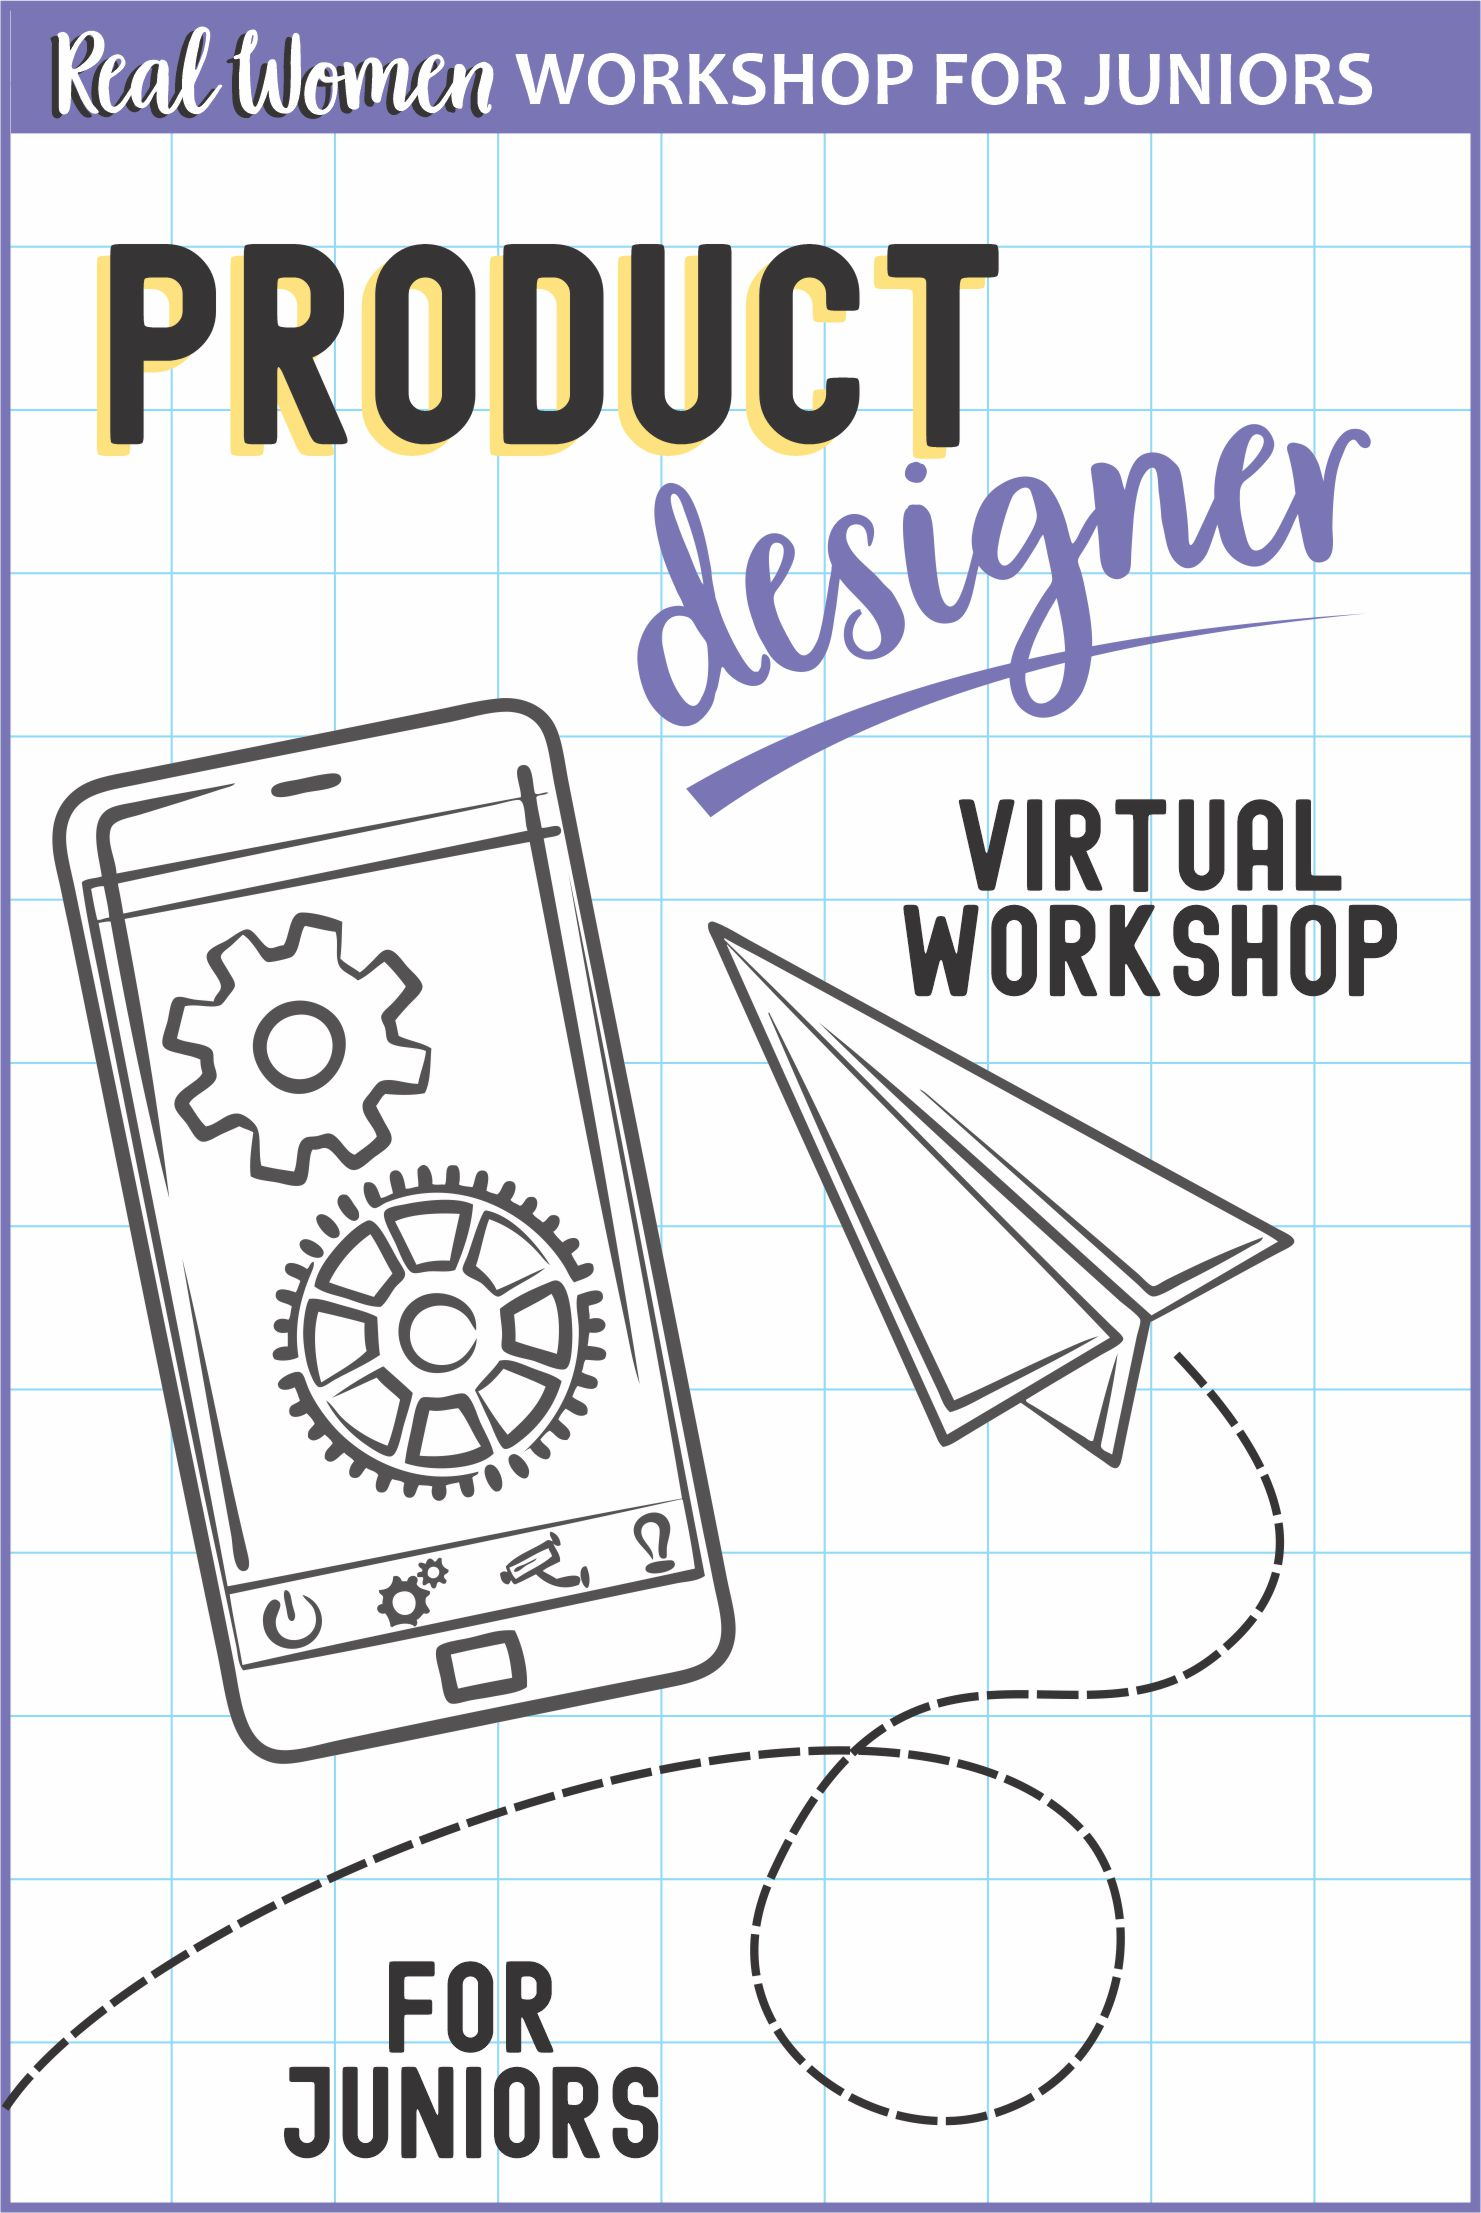 Girl Scout Junior Product Designer Workshop via @gsleader411